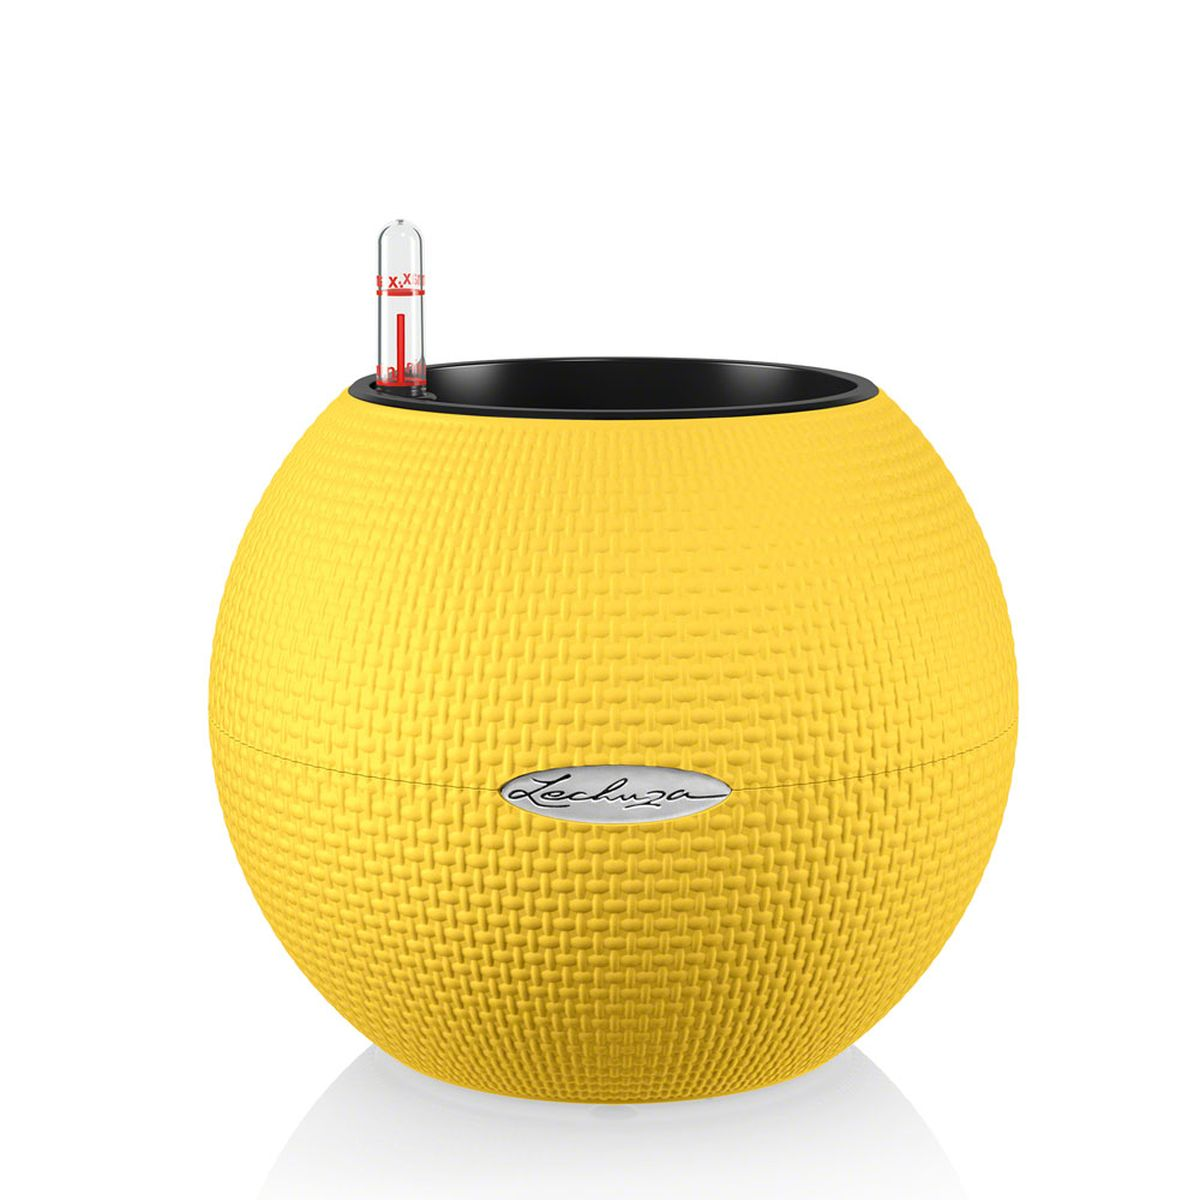 Кашпо Lechuza Color Puro, с системой автополива, цвет: желтый, диаметр 20 смZ-0307Круглое кашпо Lechuza Color Puro, выполненное из высококачественного пластика, имеет уникальную систему автополива, благодаря которой корневая система растения непрерывно снабжается влагой из резервуара. Уровень воды в резервуаре контролируется с помощью специального индикатора. В зависимости от размера кашпо и растения воды хватает на 2-12 недель. Это способствует хорошему росту цветов и предотвращает переувлажнение.В набор входит: кашпо, внутренний горшок, индикатор уровня воды, резервуар для воды. Внутренний горшок, оснащенный выдвижными ручками, обеспечивает:- легкую переноску даже высоких растений;- легкую смену растений;- можно также просто убрать растения на зиму;- винт в днище позволяет стечь излишней дождевой воде наружу.Кашпо Lechuza Color Puro прекрасно впишется в интерьер больших холлов, террас ресторанов и уютных гостиных. Изделие поможет расставить нужные акценты и придаст помещению вид, соответствующий вашим представлениям.